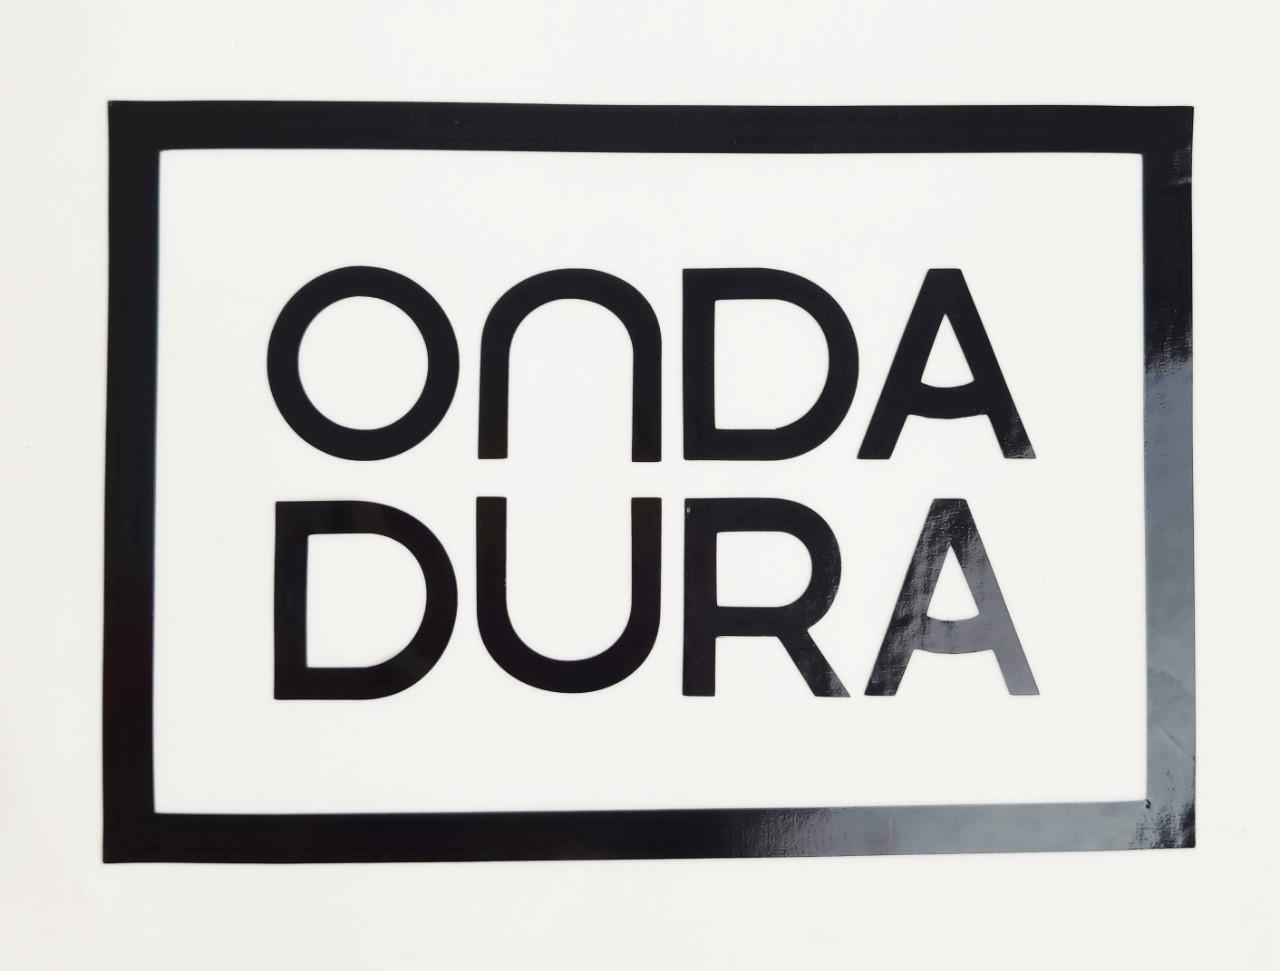 Adesivo grande preto Onda Dura